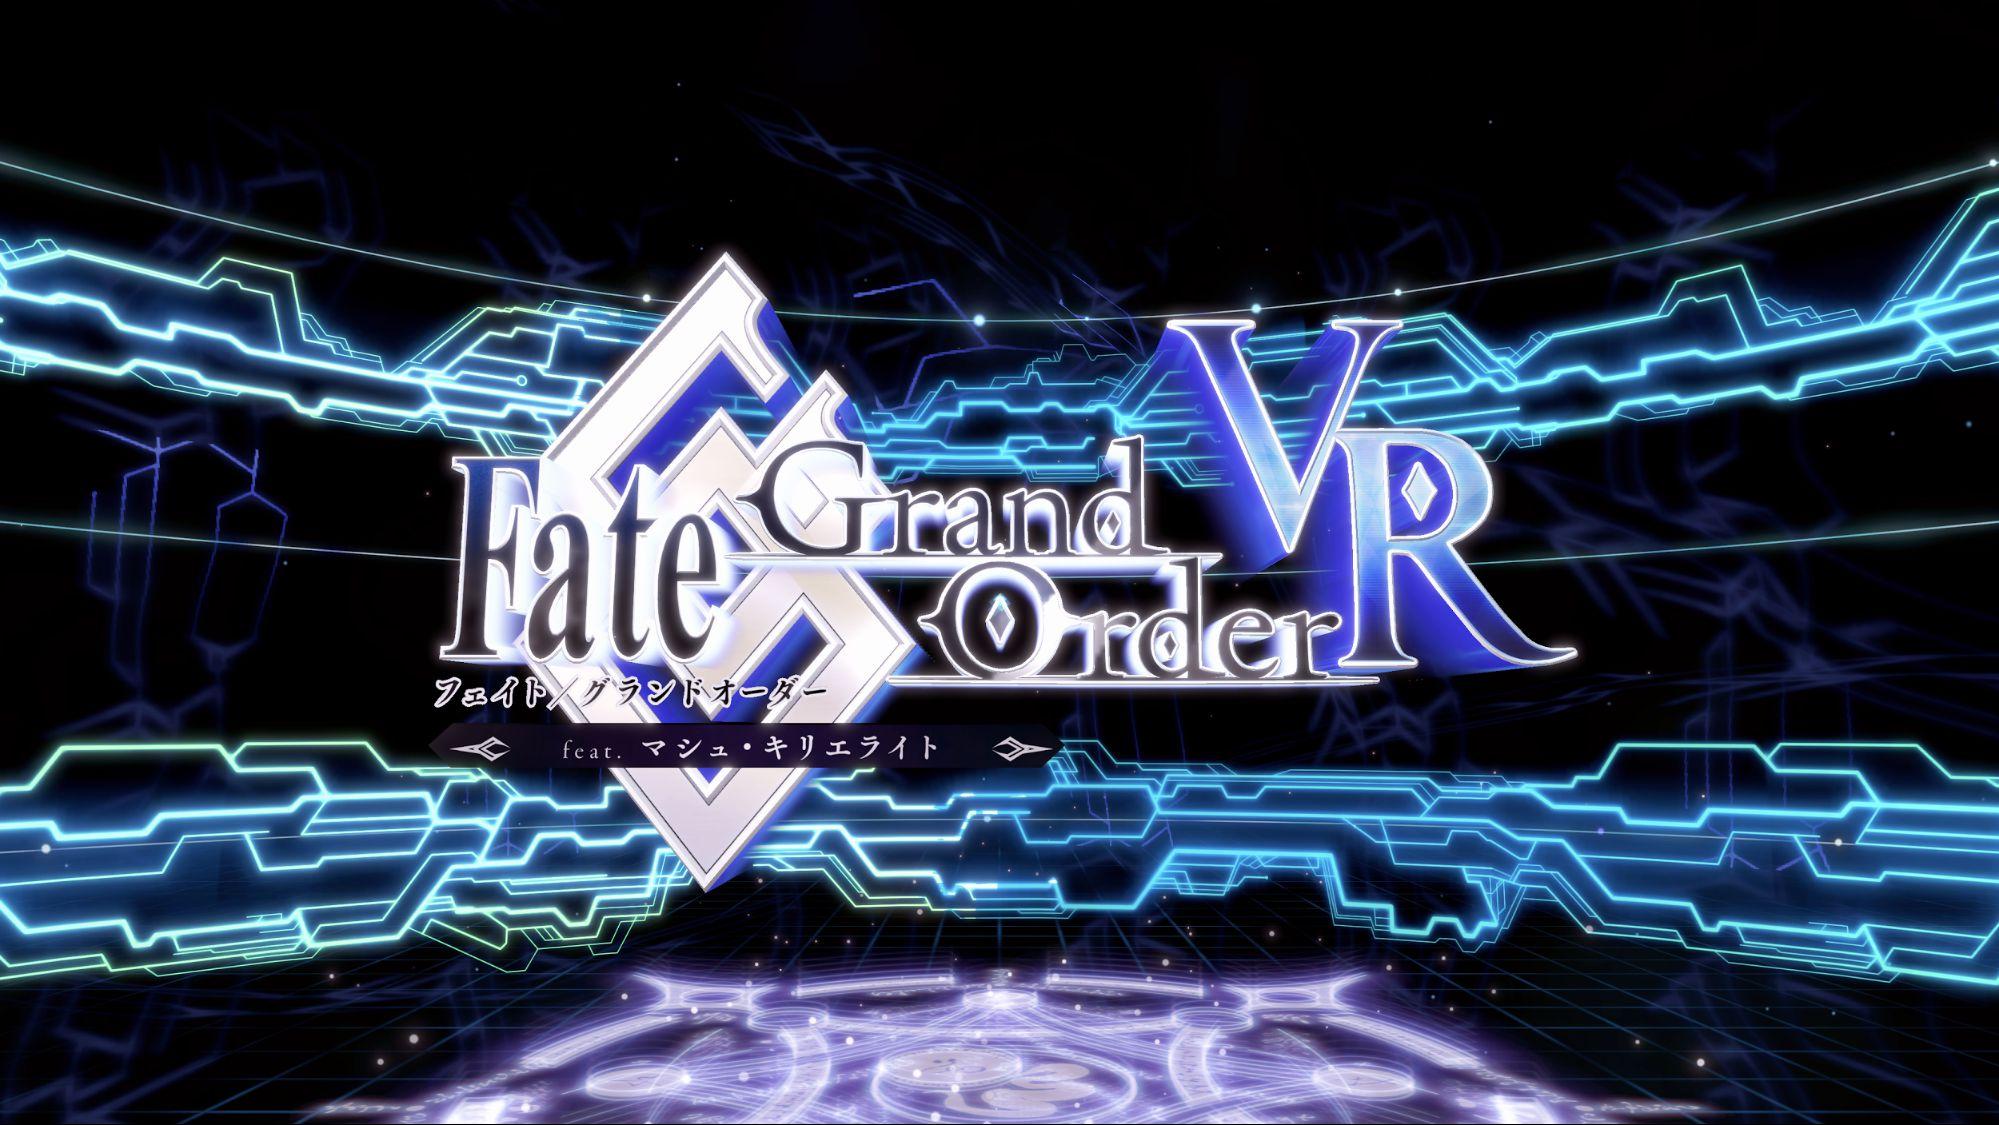 FGO VR Fate 「FGO VRフューチャリングマシュキリエライト」ゲーム画面公開されるも、若干グラクオリティが心配【PSVR】